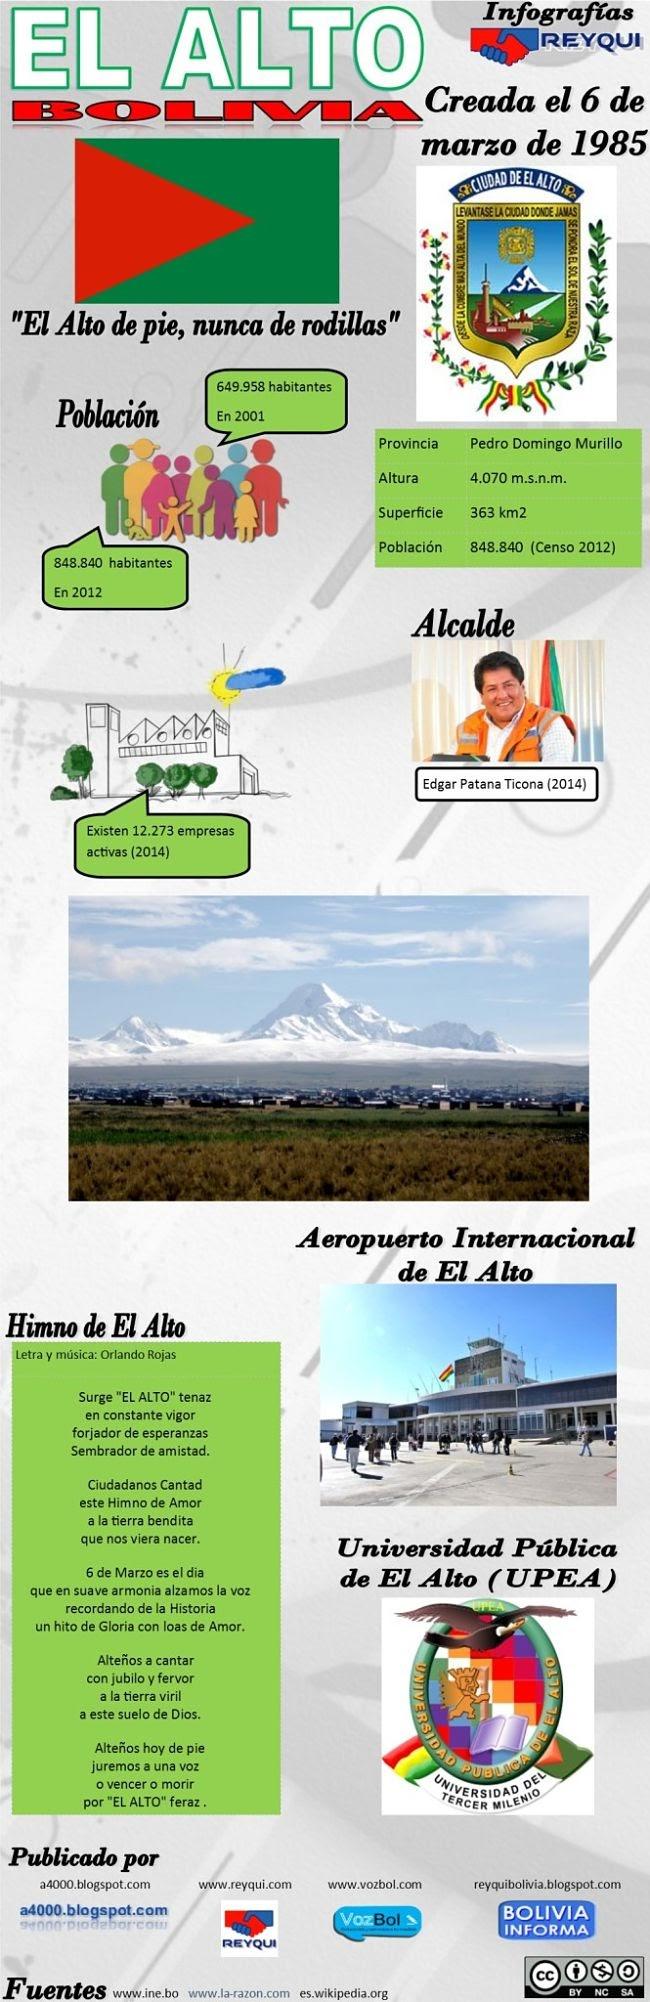 El Alto, Bolivia: creada el 6 de marzo de 1985 (Infografía)